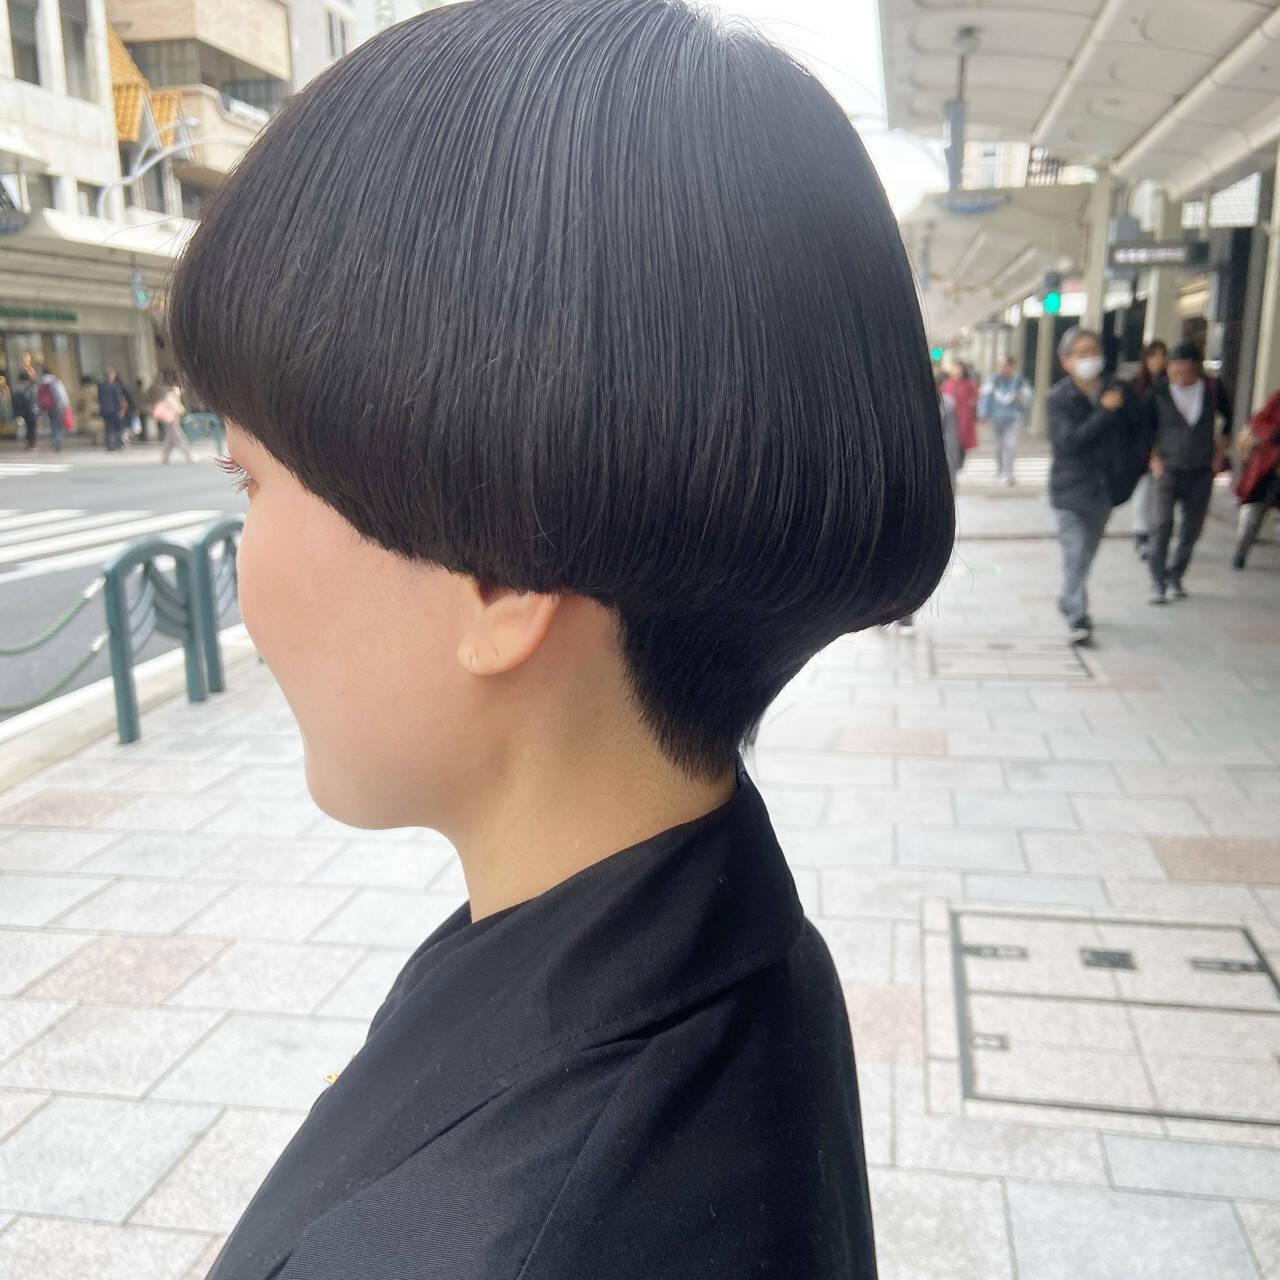 モード ショートマッシュ ボブ マッシュショートヘアスタイルや髪型の写真・画像